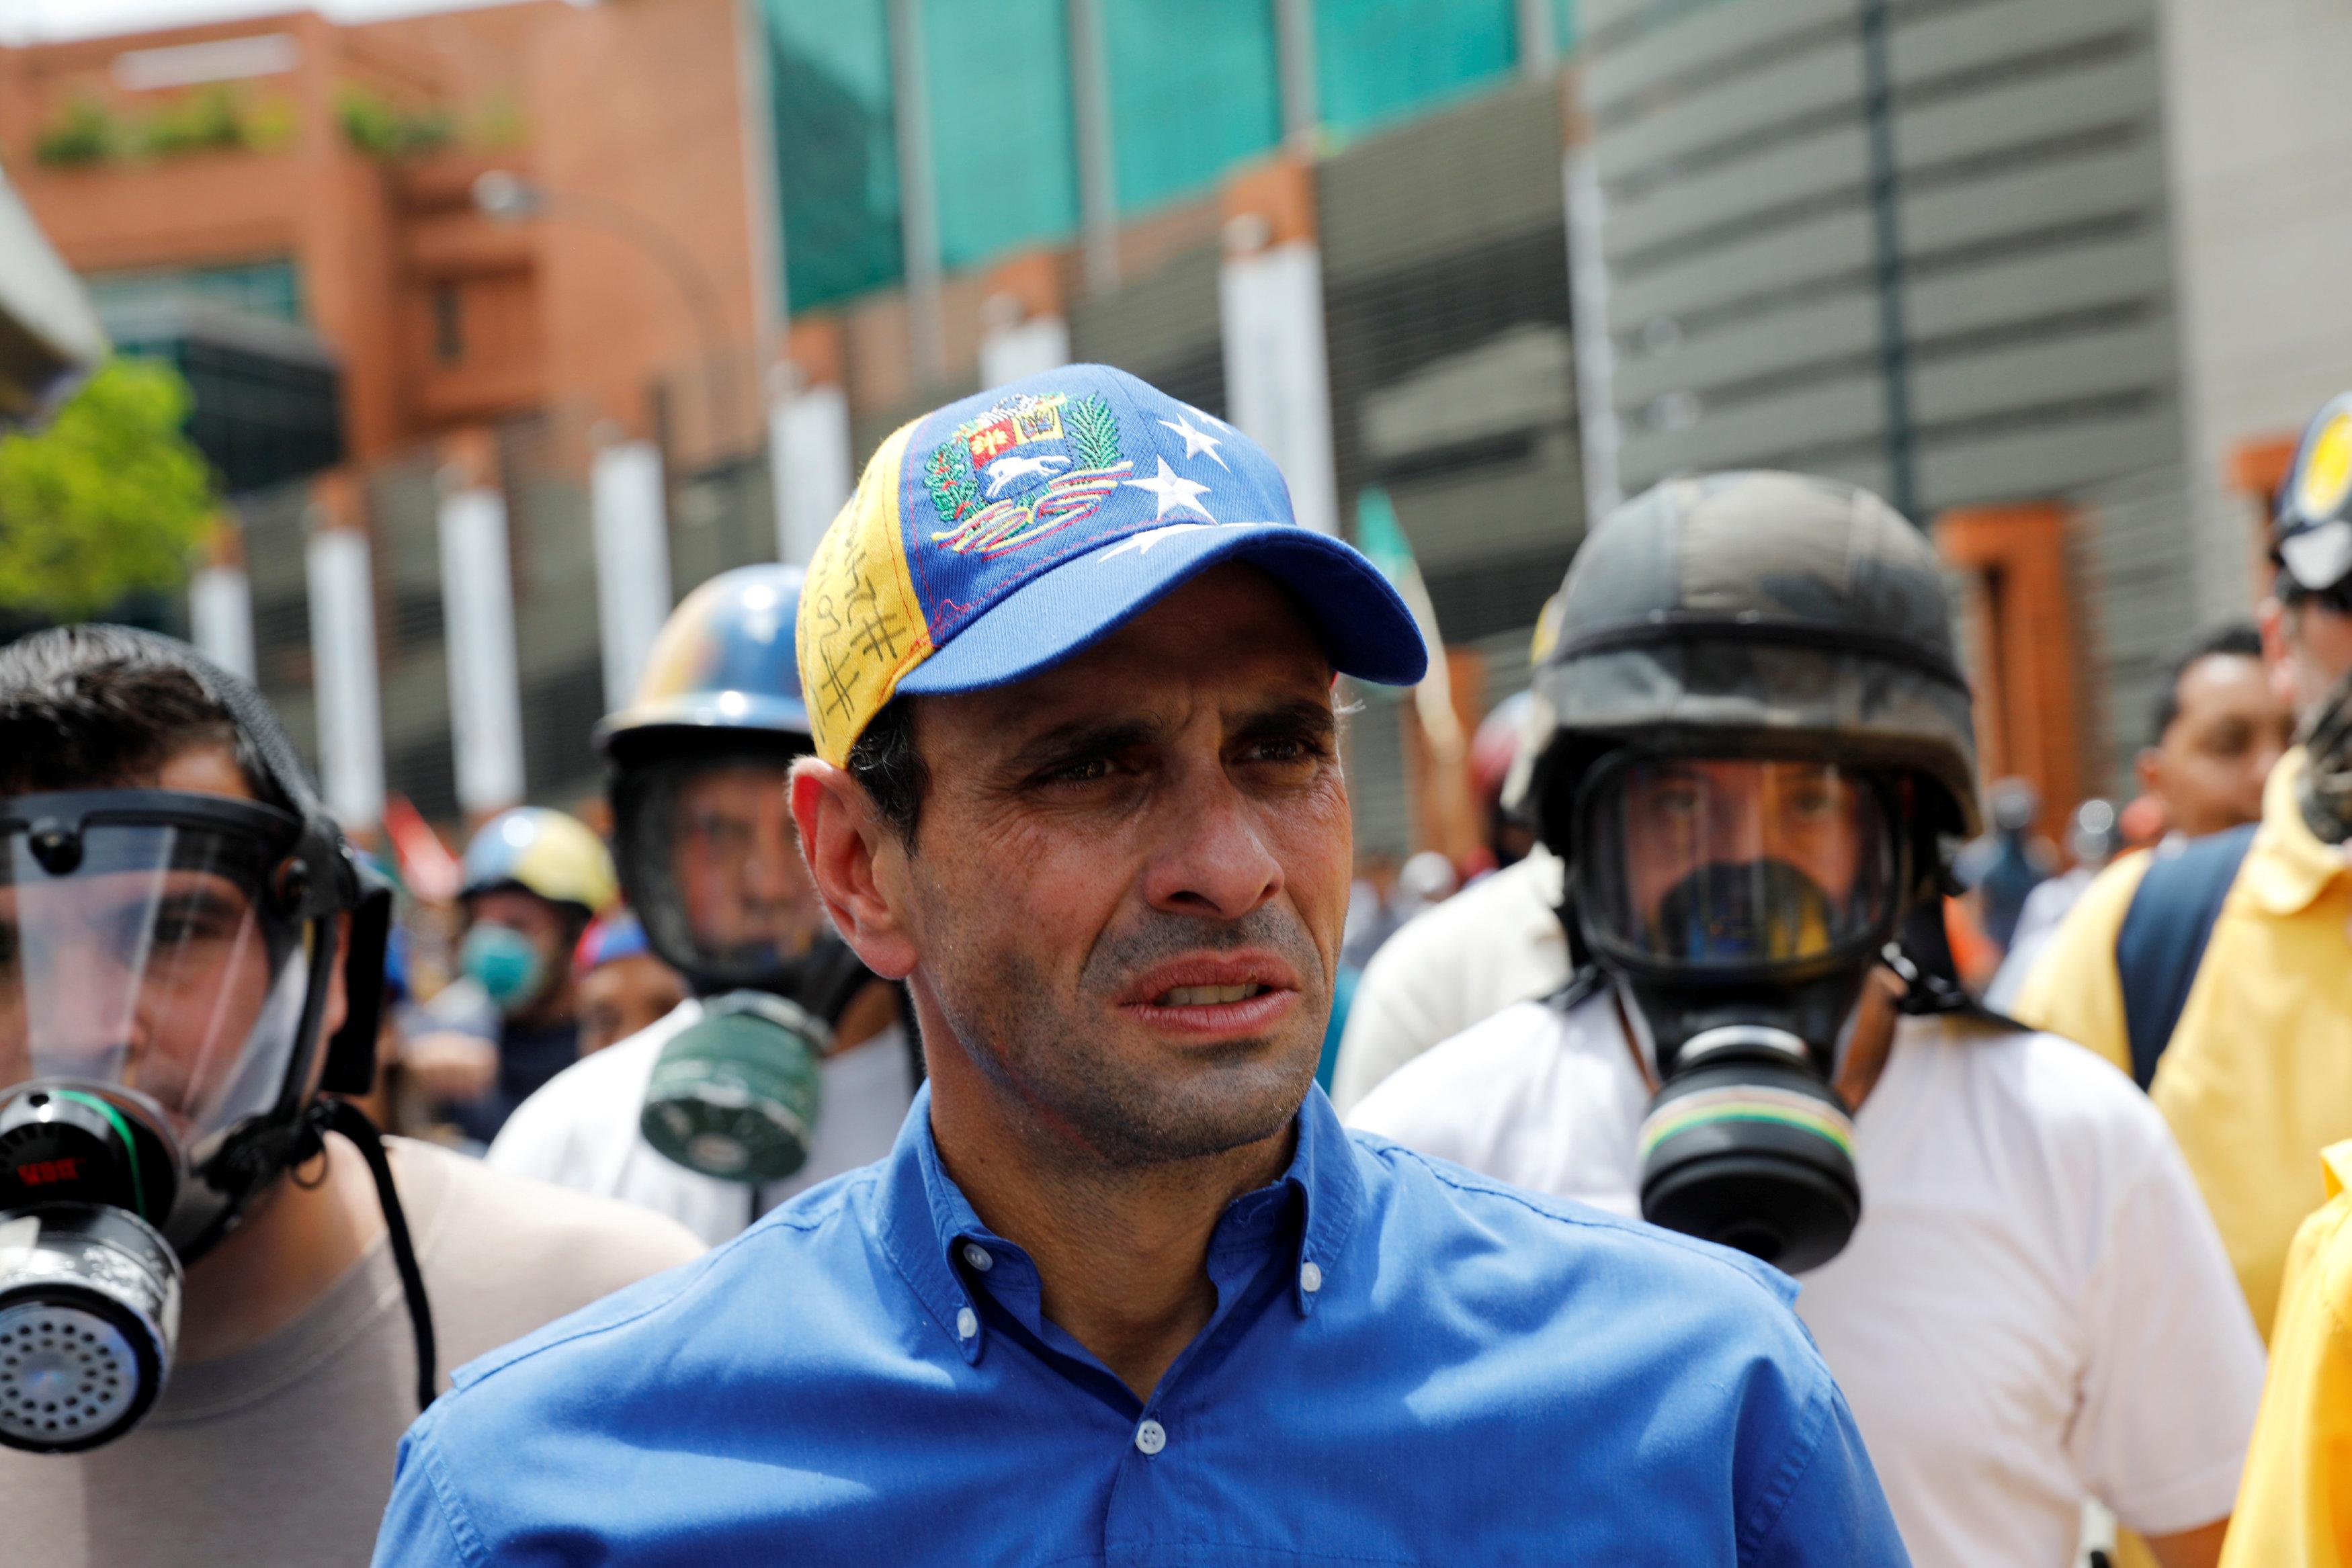 Capriles marcha contra Maduro en Caracas el 24 de Mayo del 2017 REUTERS/Carlos Garcia Rawlins